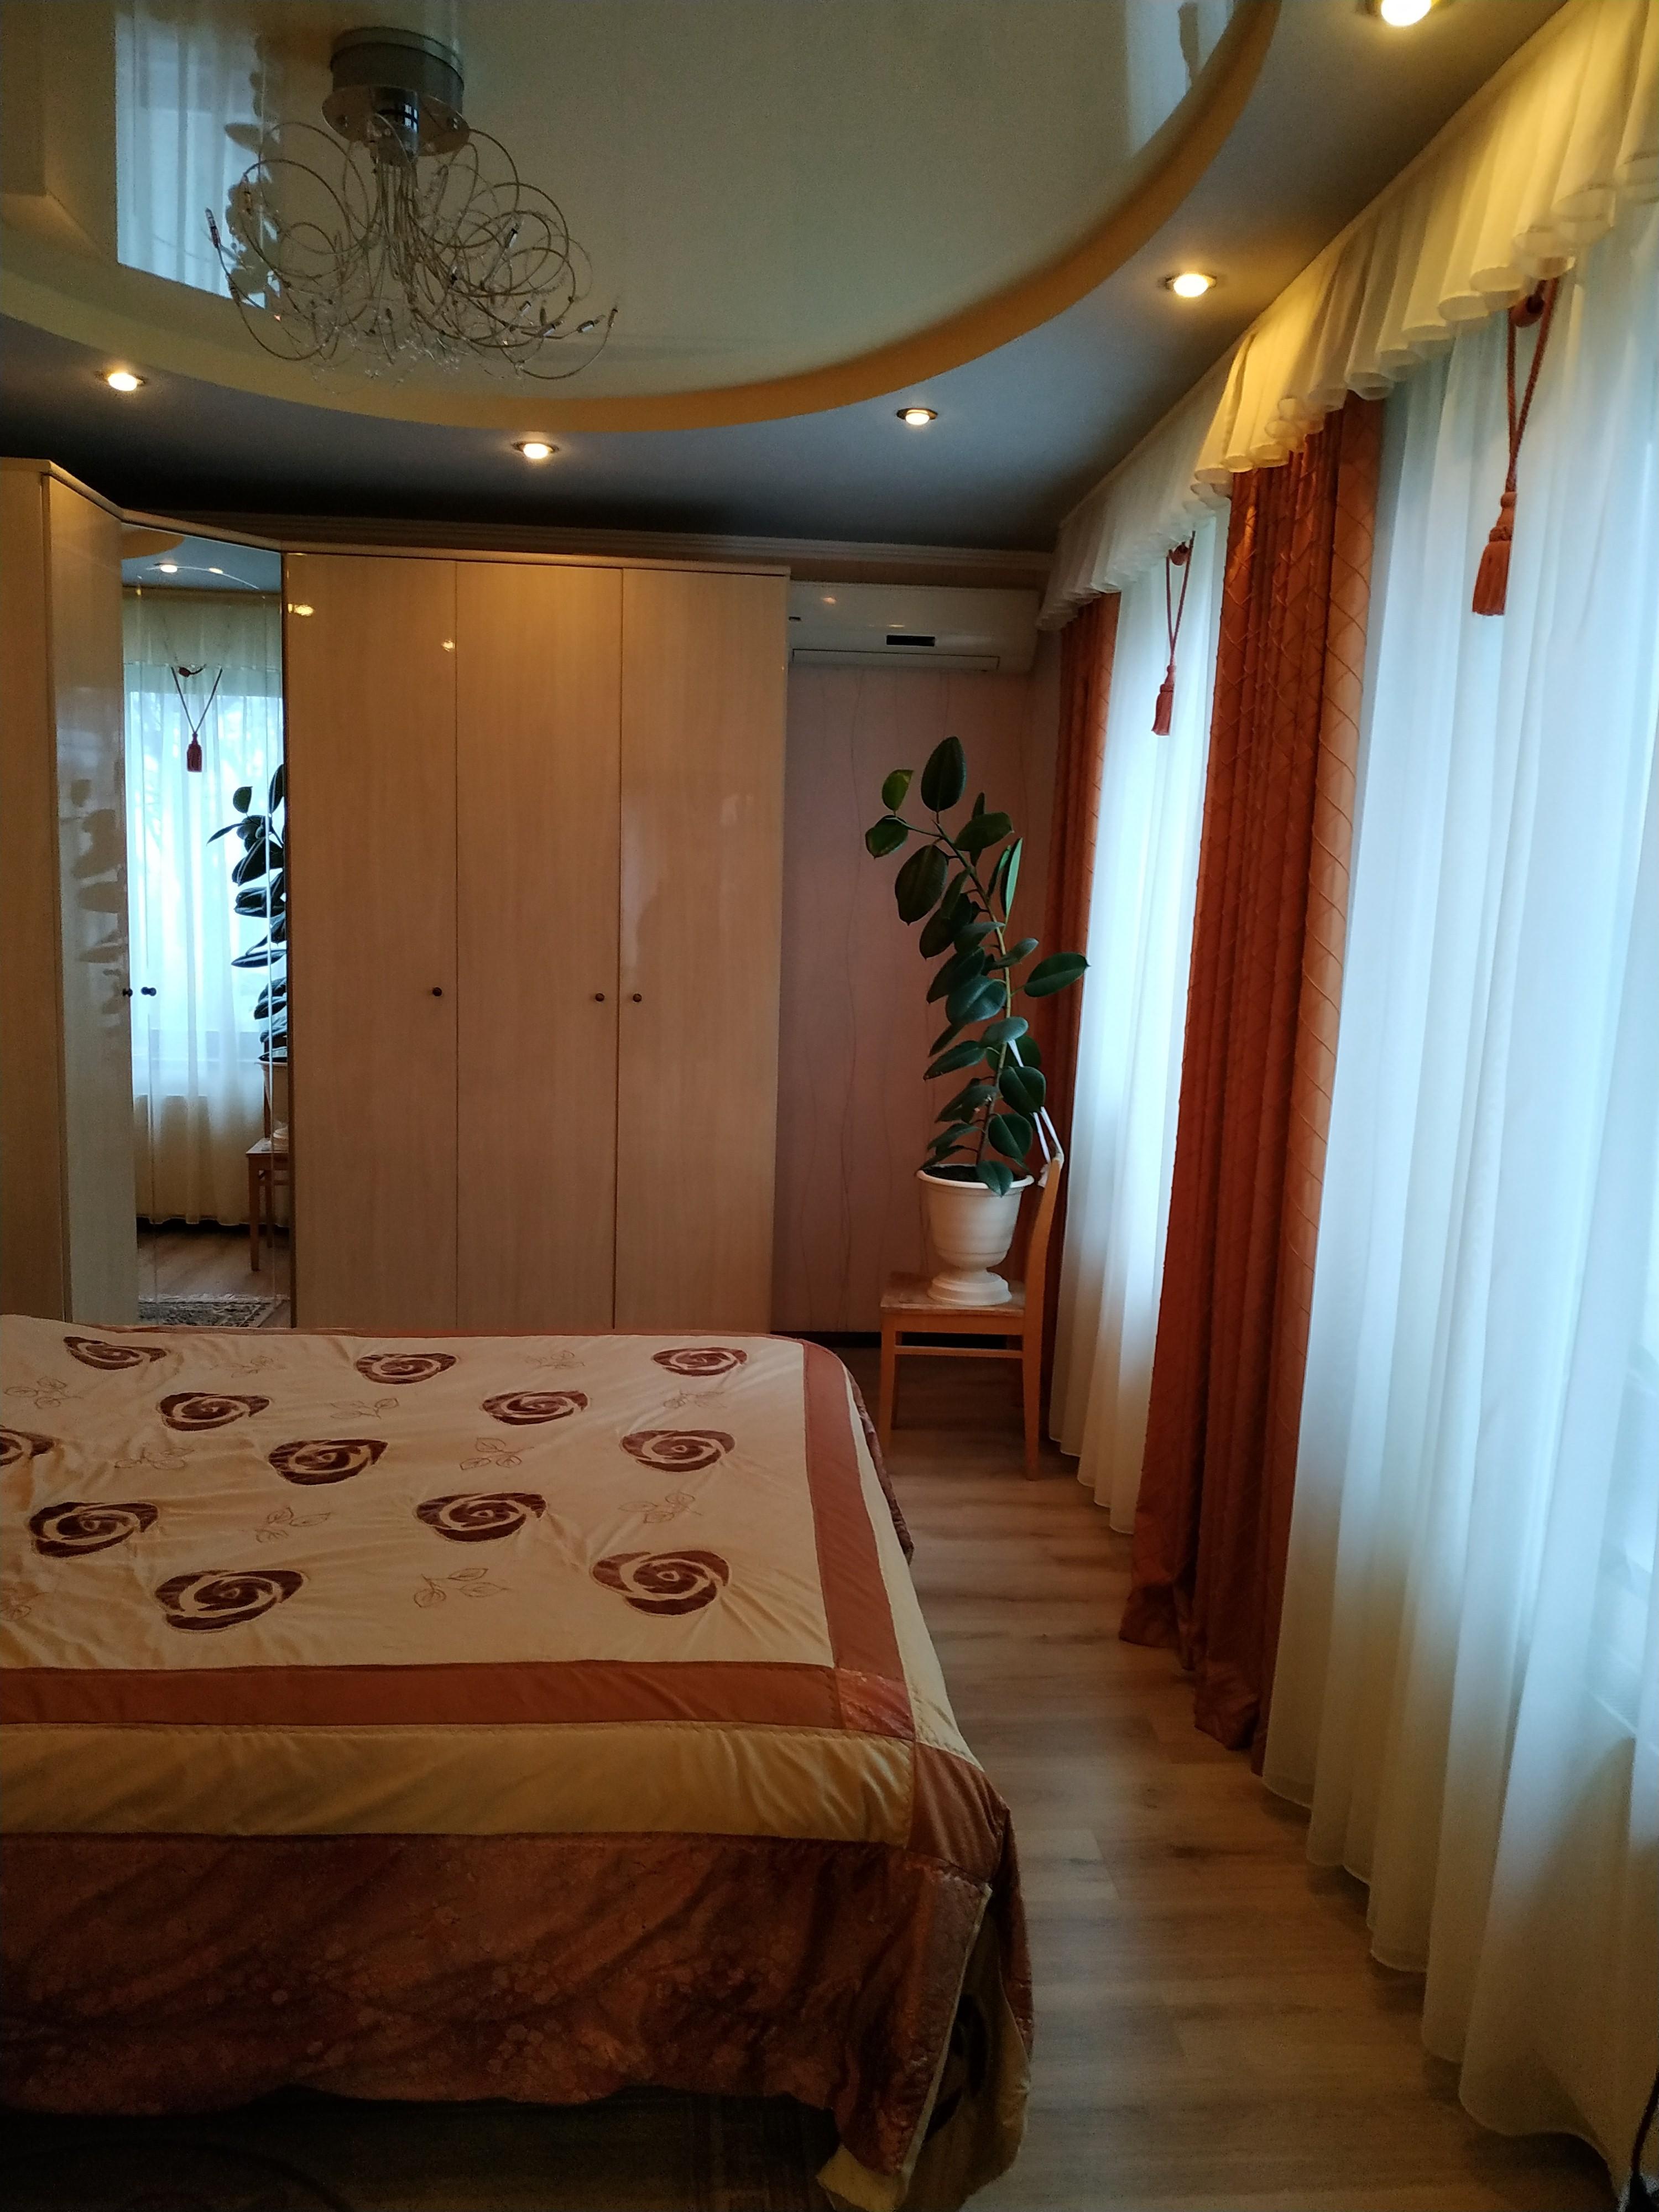 Харьковская область,5 Комнат Комнат,2 Ванных комнатВанных комнат,Жилая недвижимость,2,1160